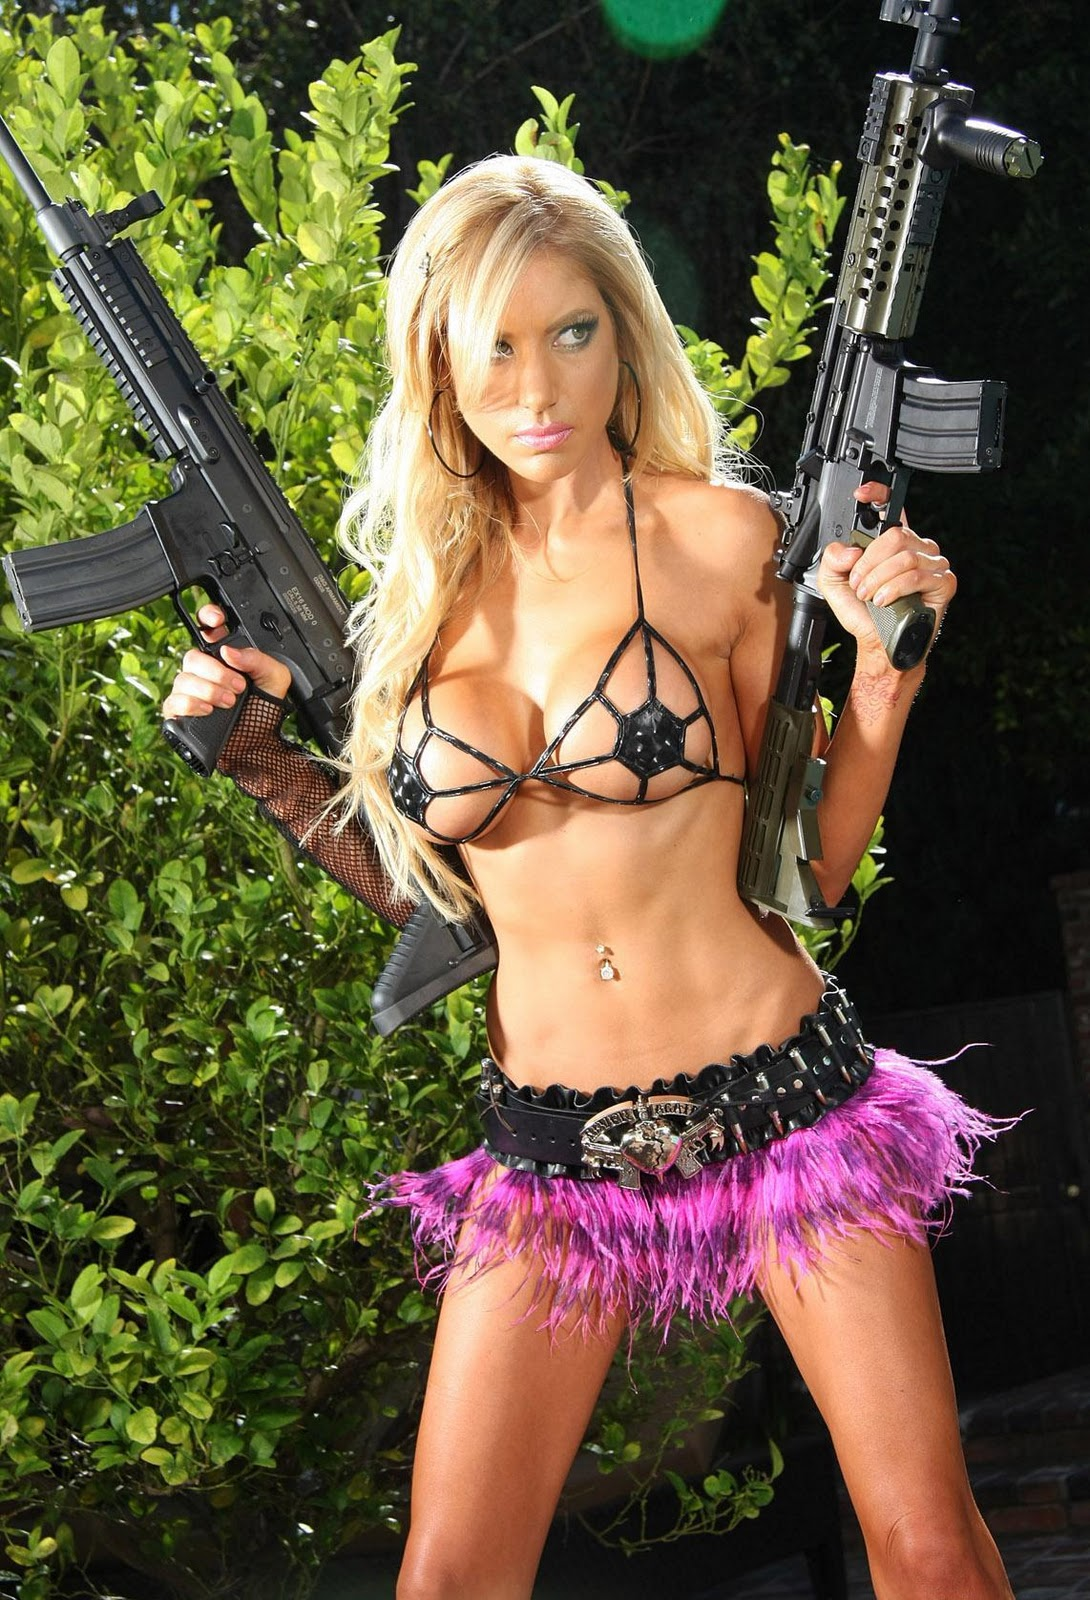 ar15 gun blogs bikini